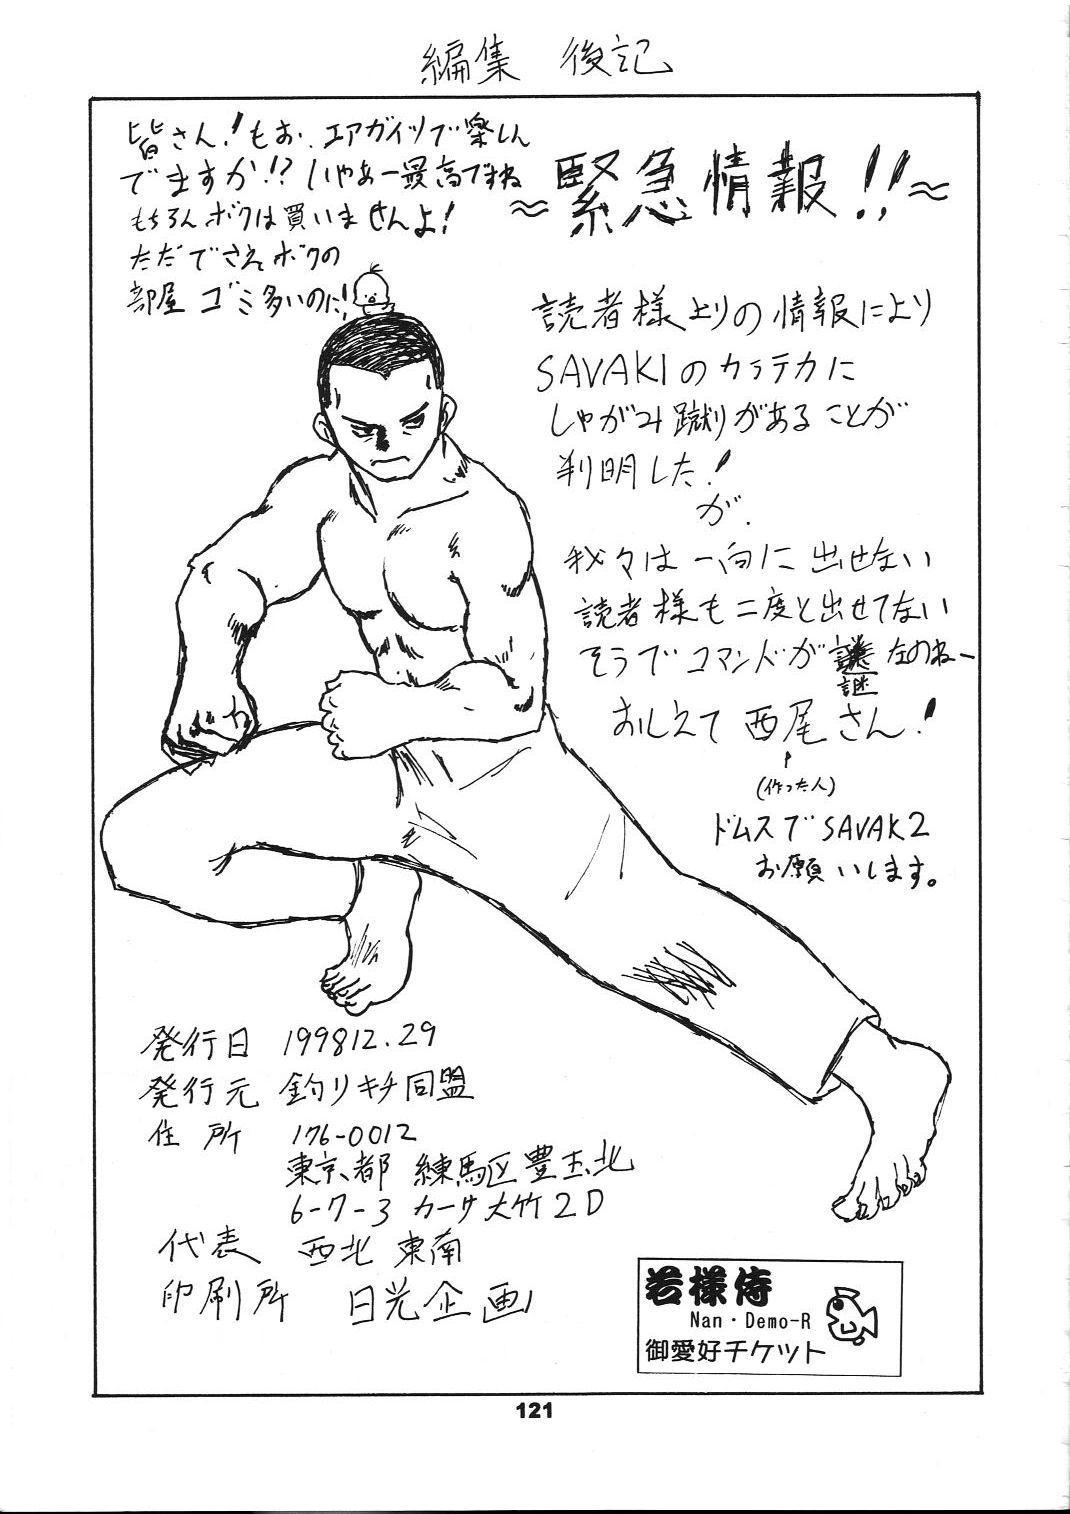 Wakasama Samurai NAN Demo-R 122